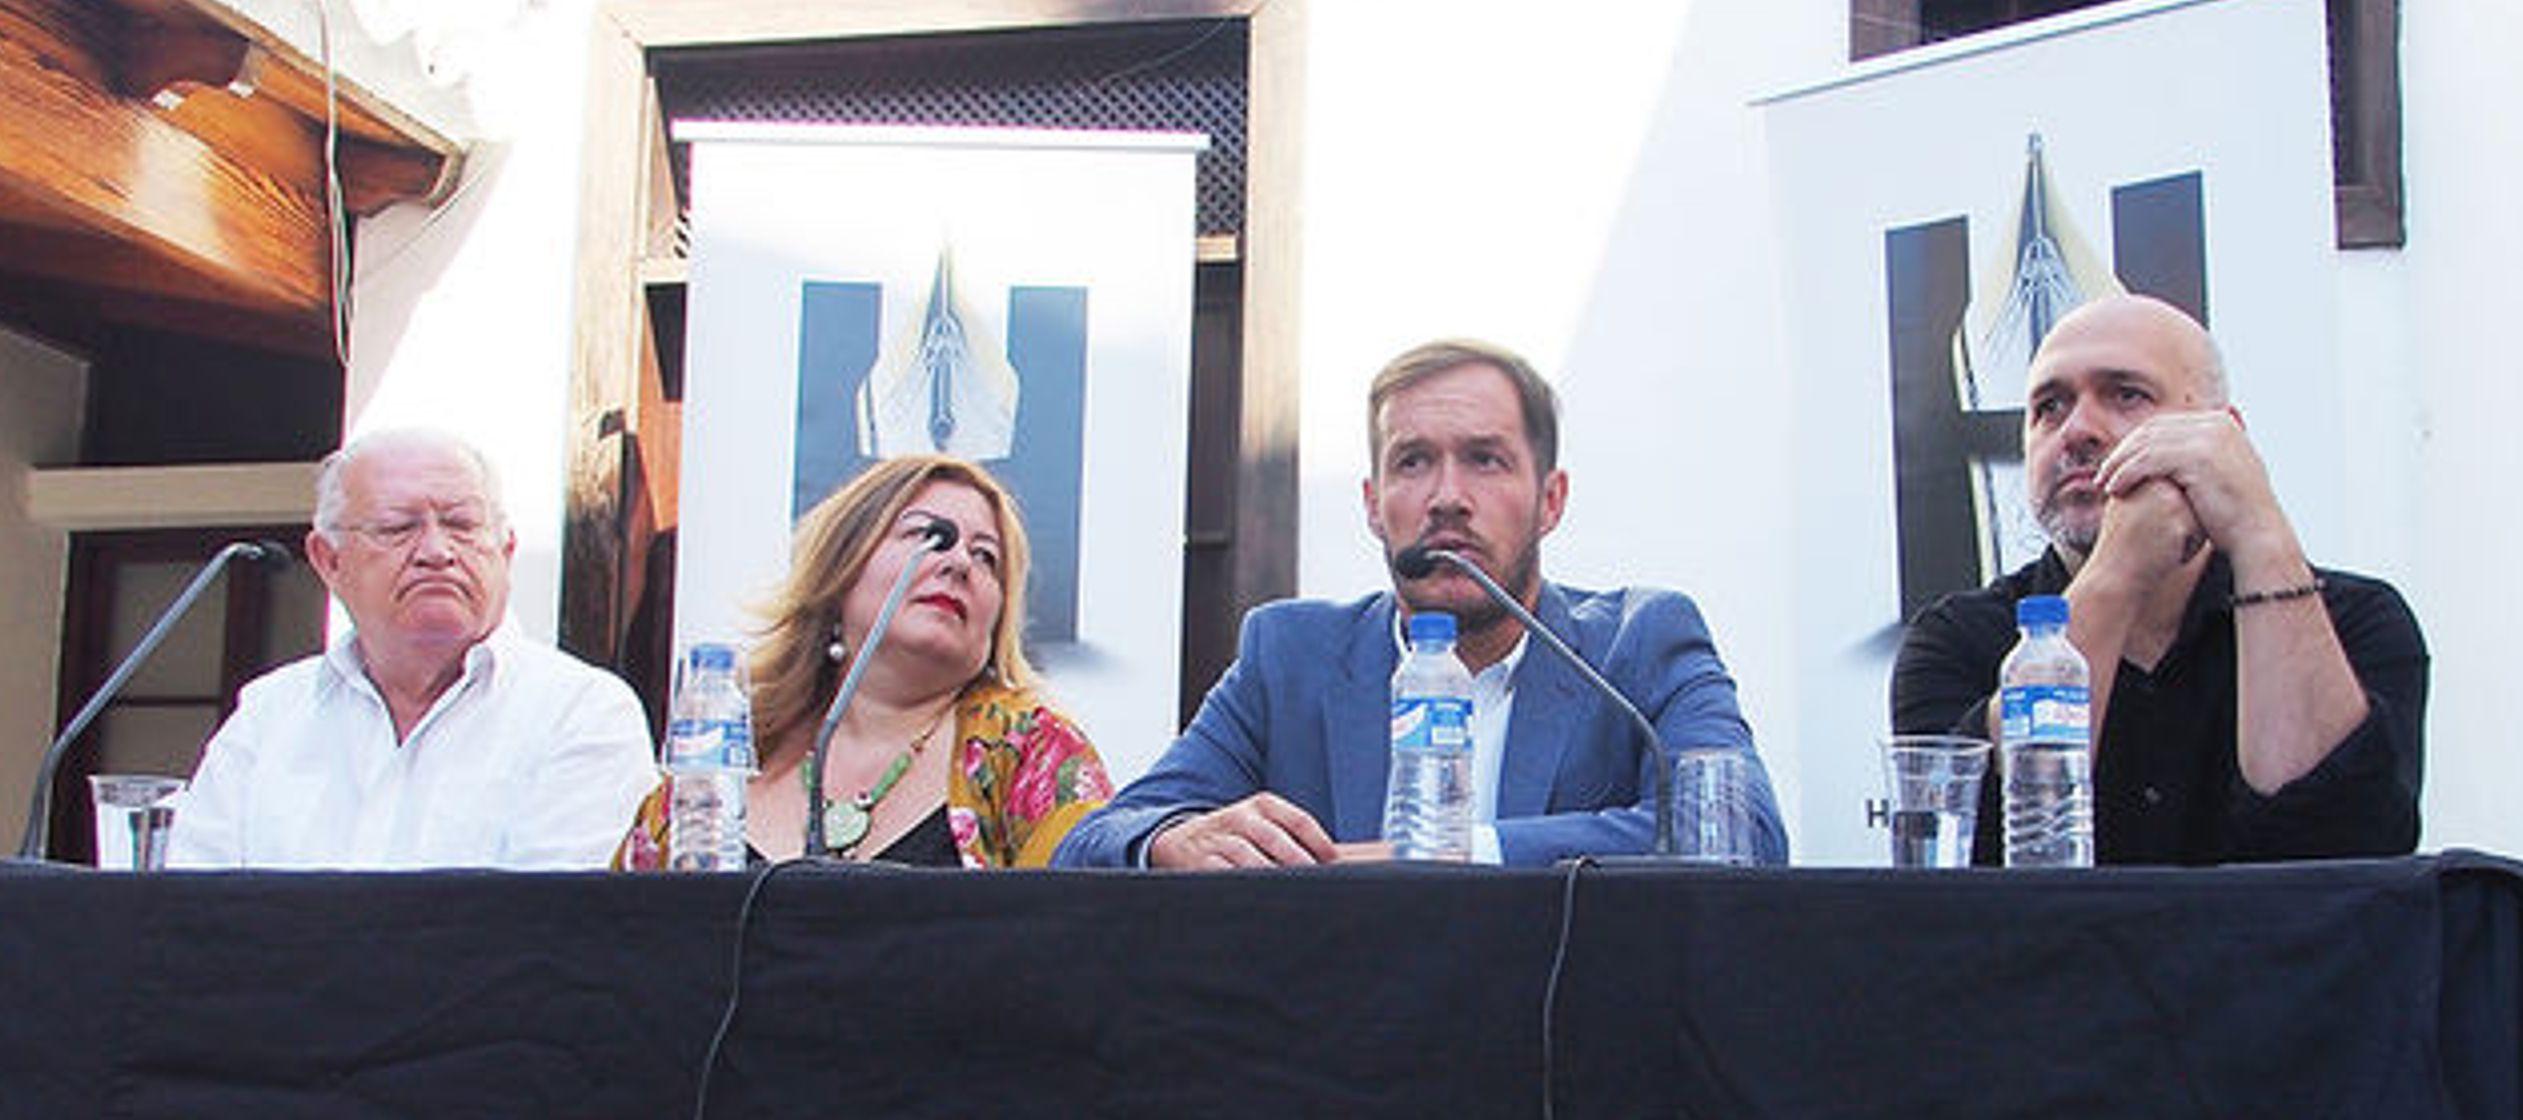 El festival, dijo hoy en la presentación el concejal de hacienda de Los Llanos, Mariano...